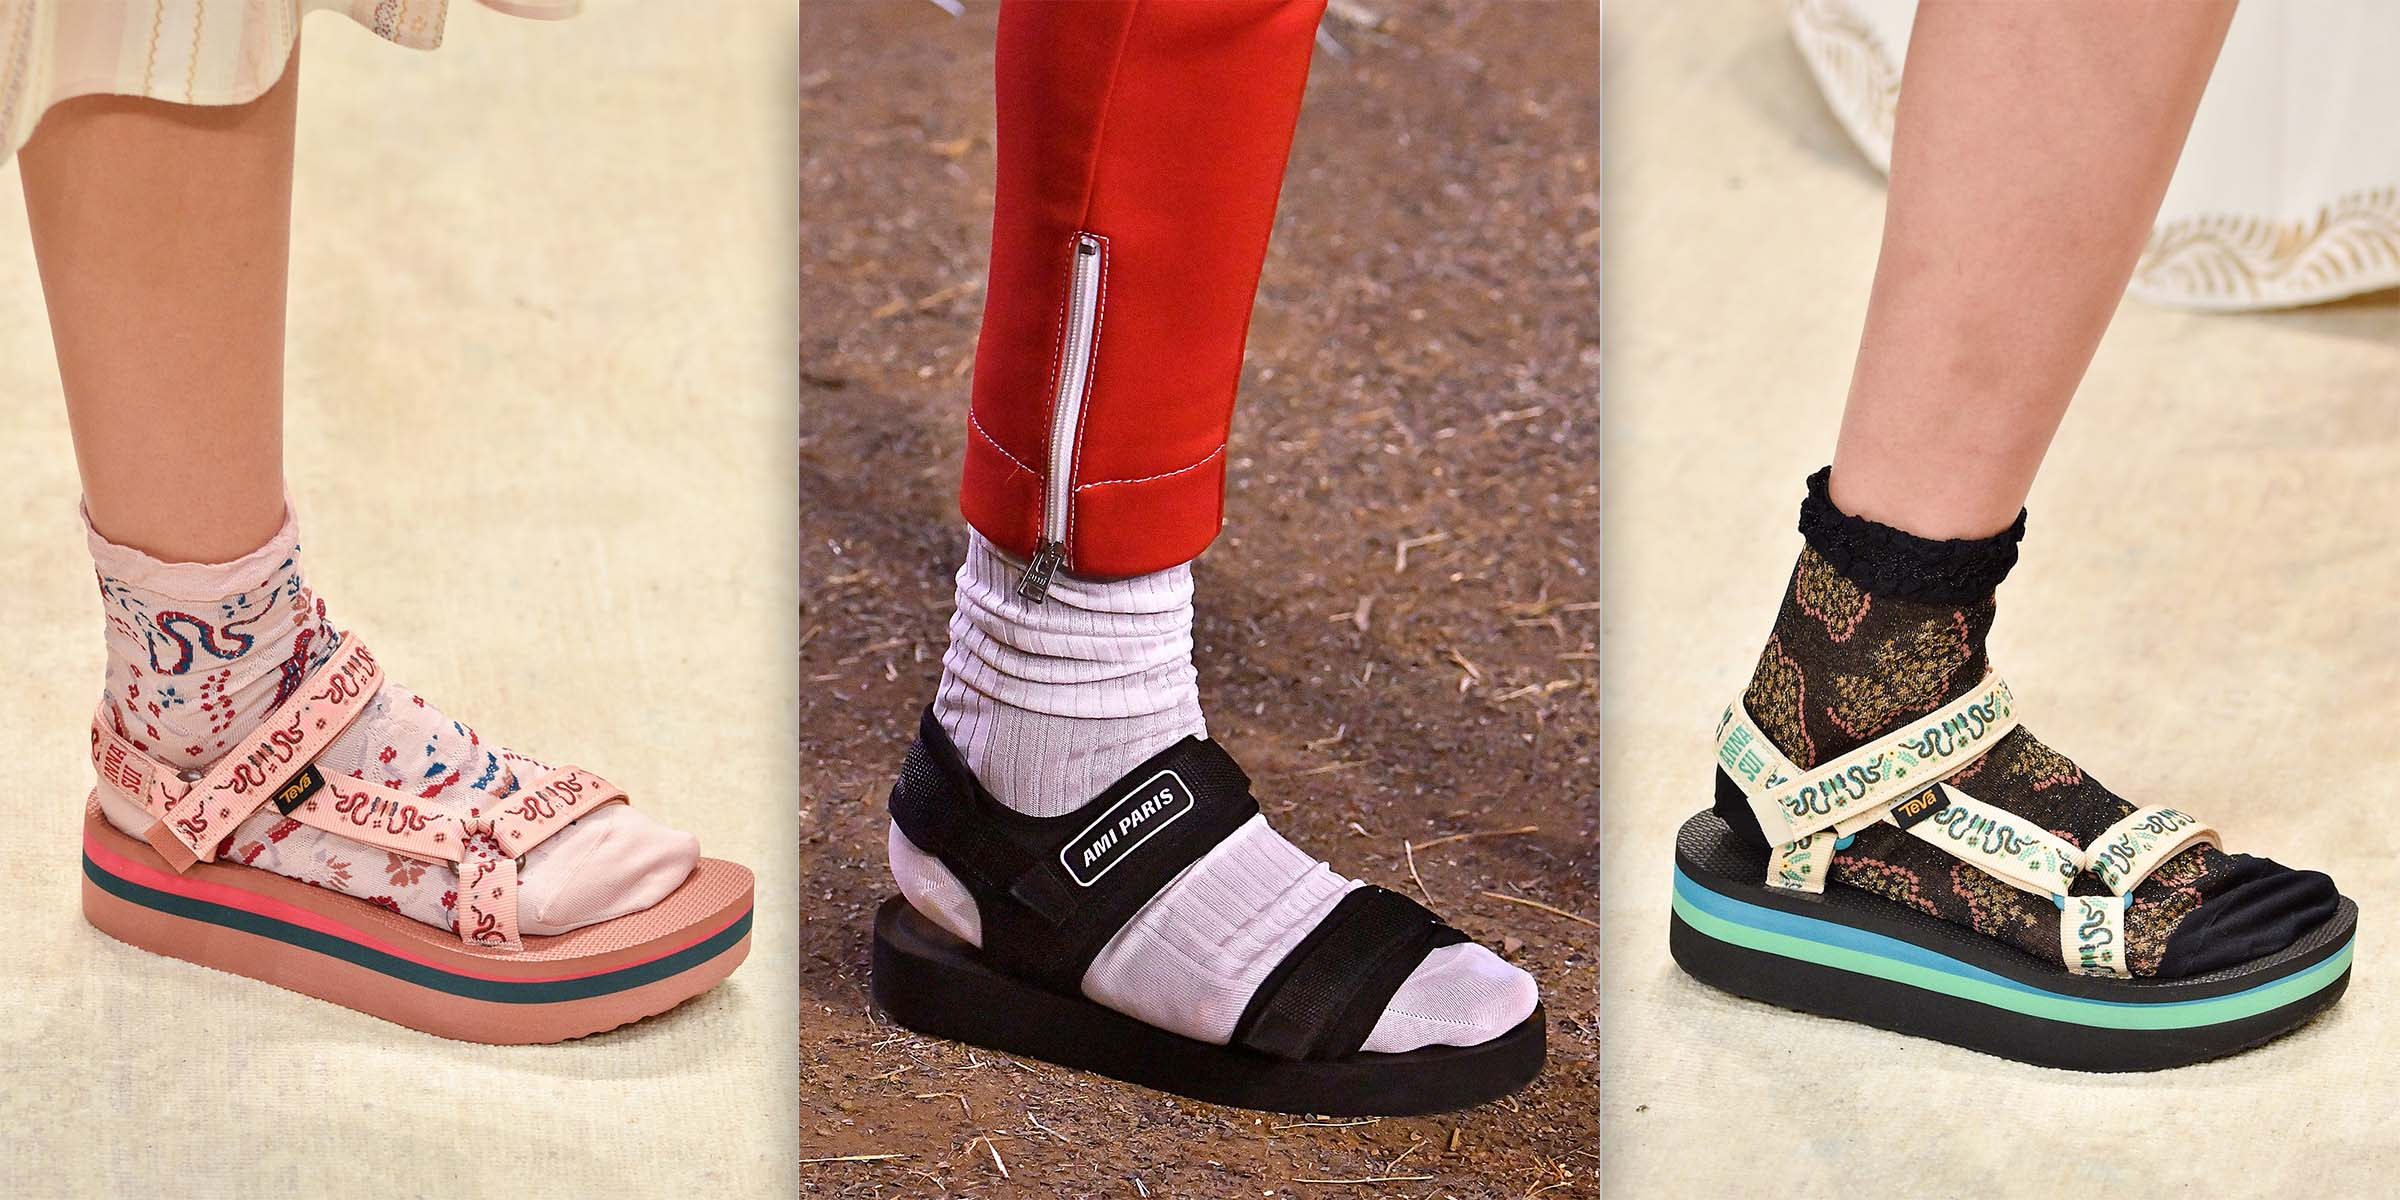 xu hướng giày sandals hè 2019